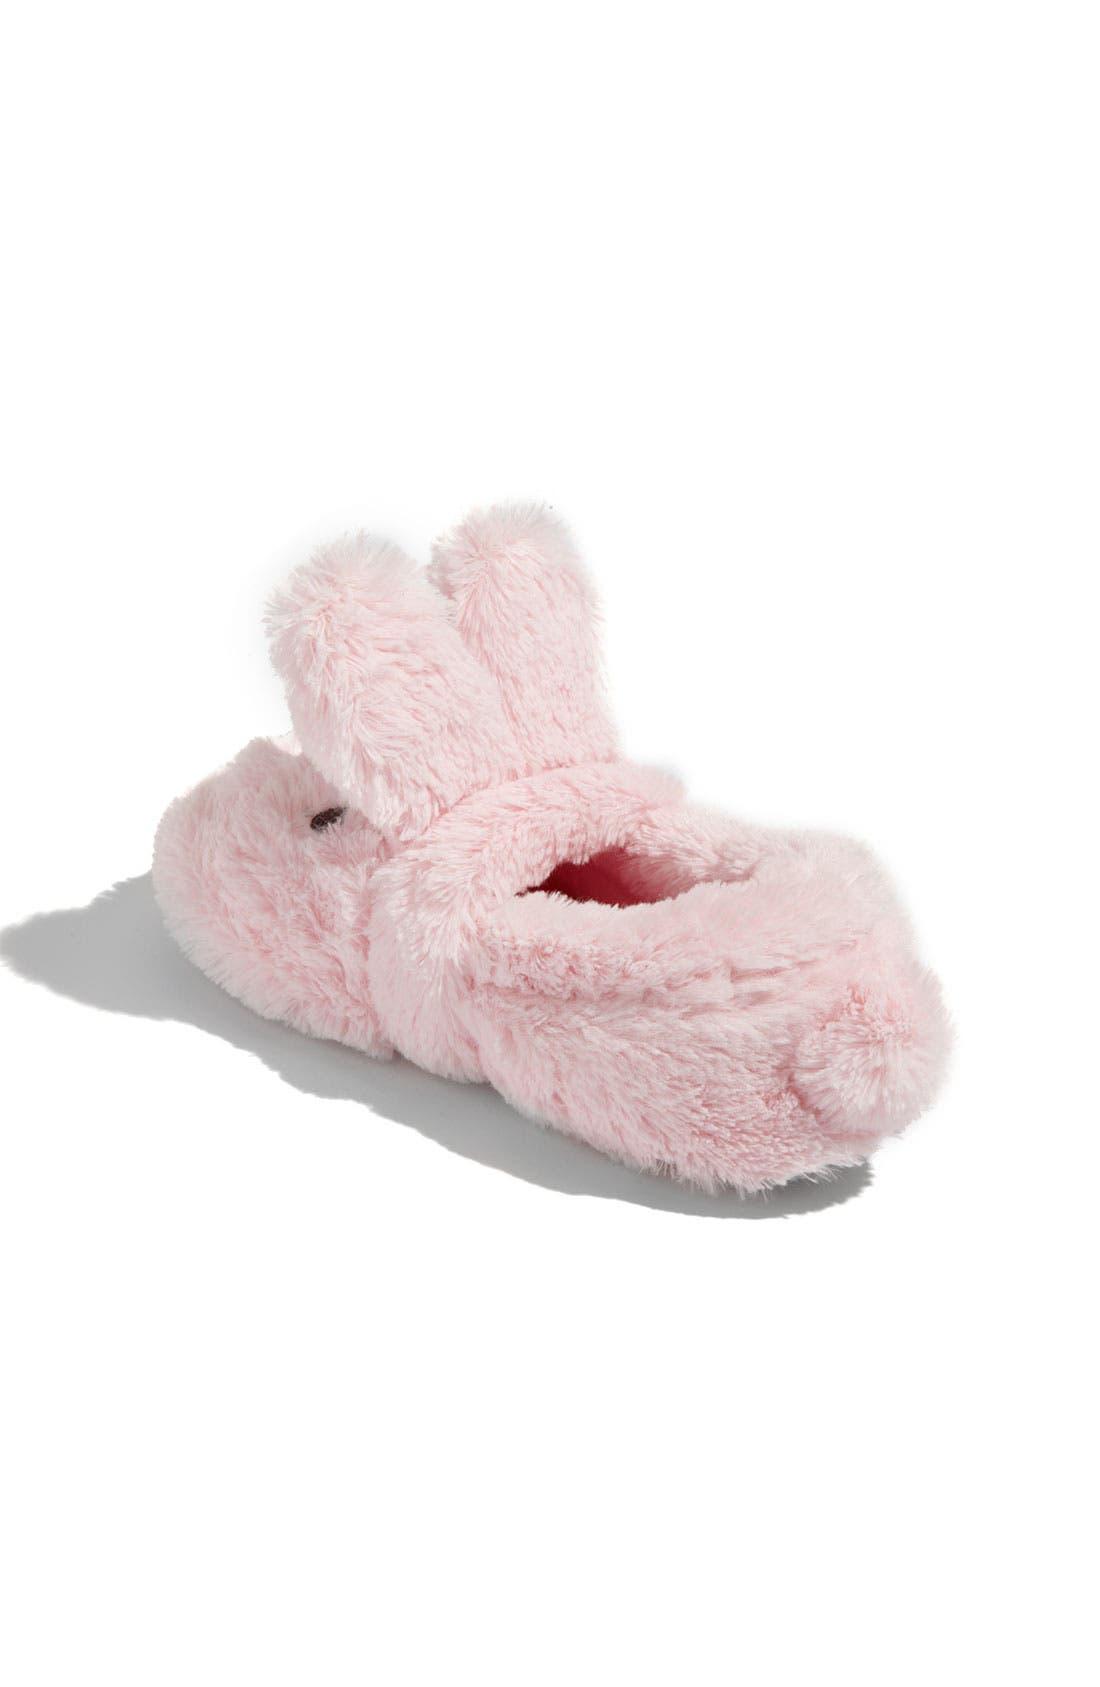 Alternate Image 2  - Stride Rite 'Fuzzy Animal' Slipper (Walker, Toddler, & Little Kid)